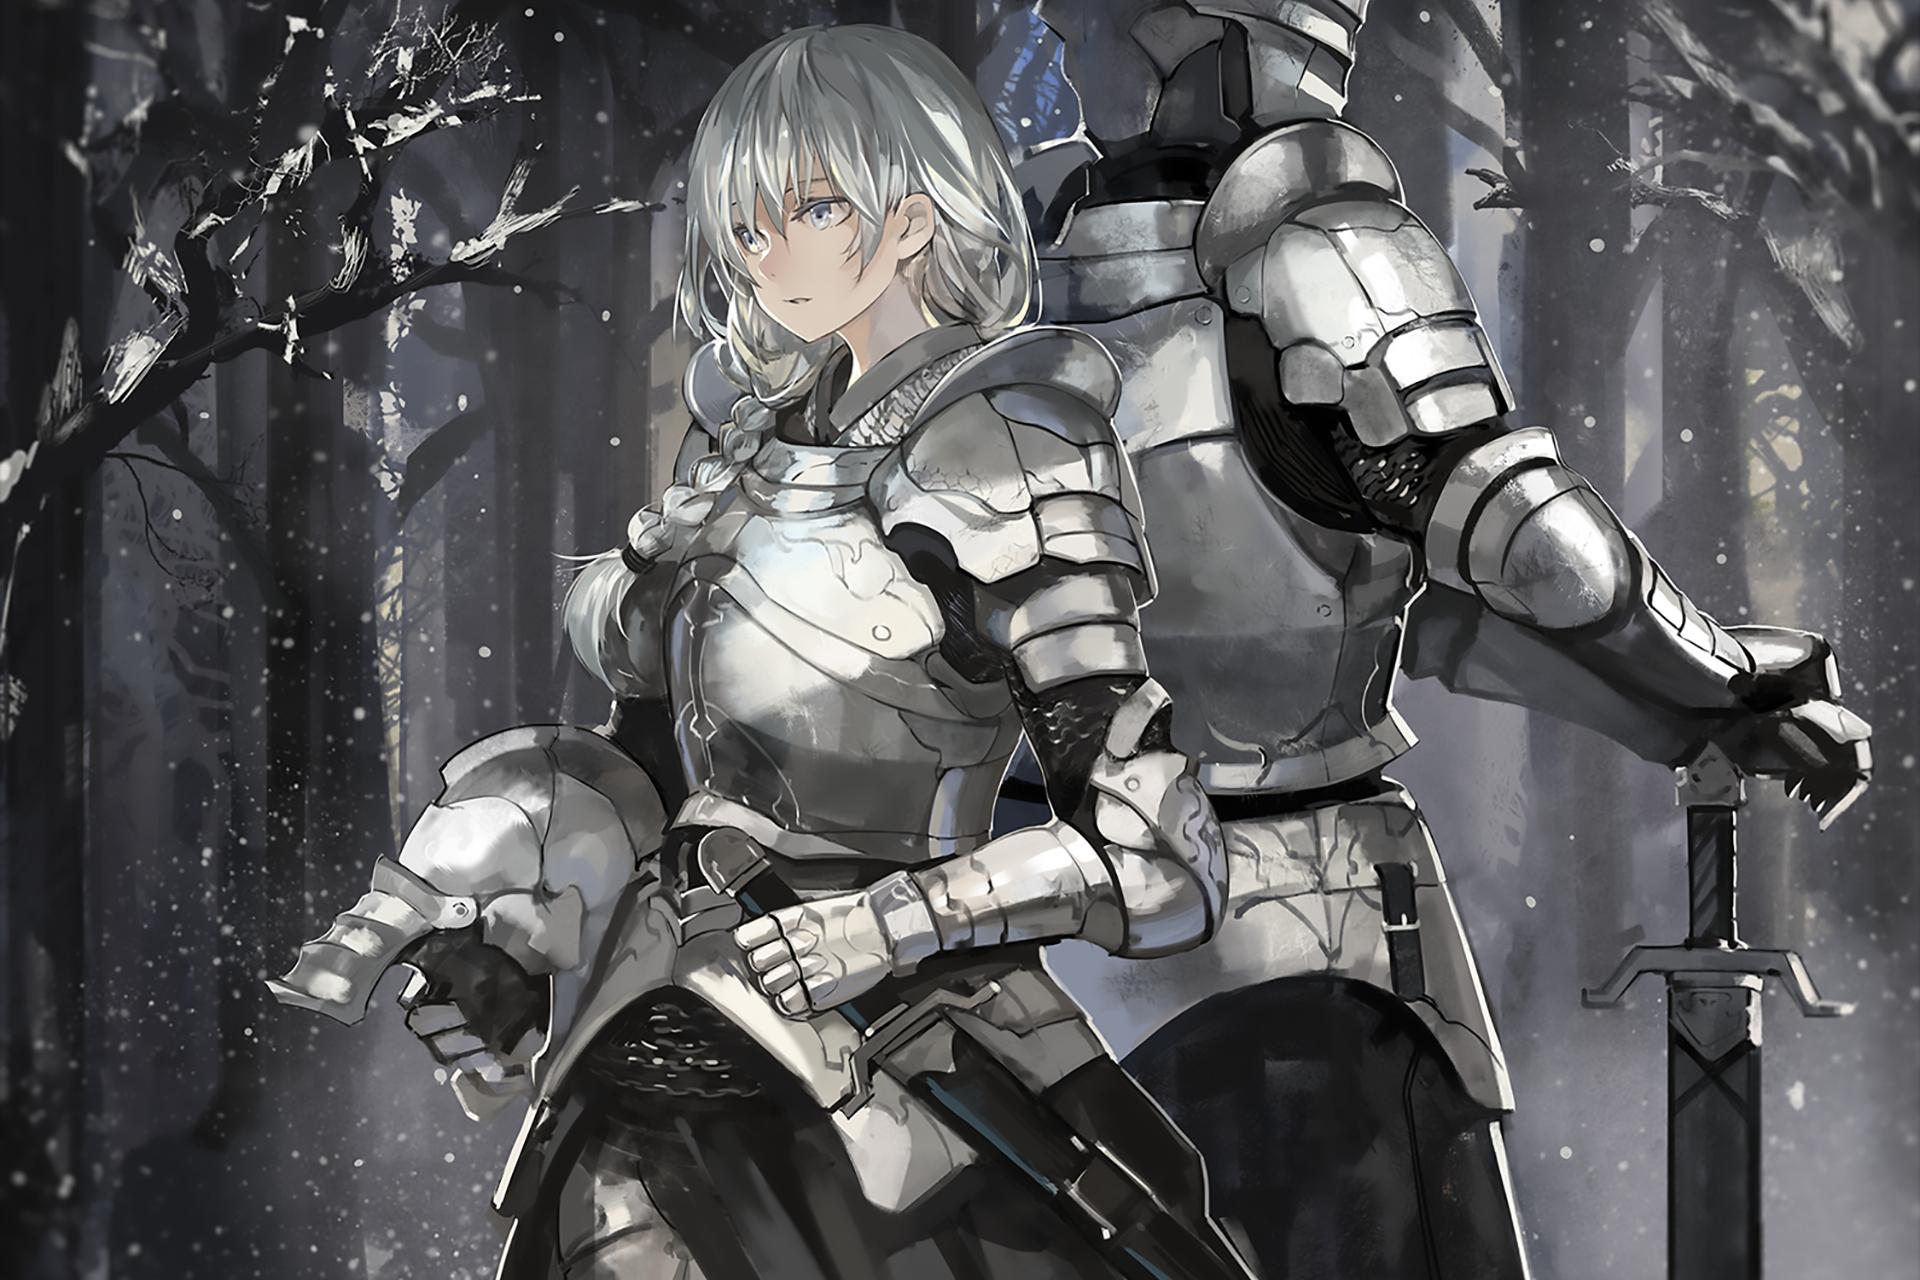 Anime Original Girl Armor Knight White Hair Snow Sword